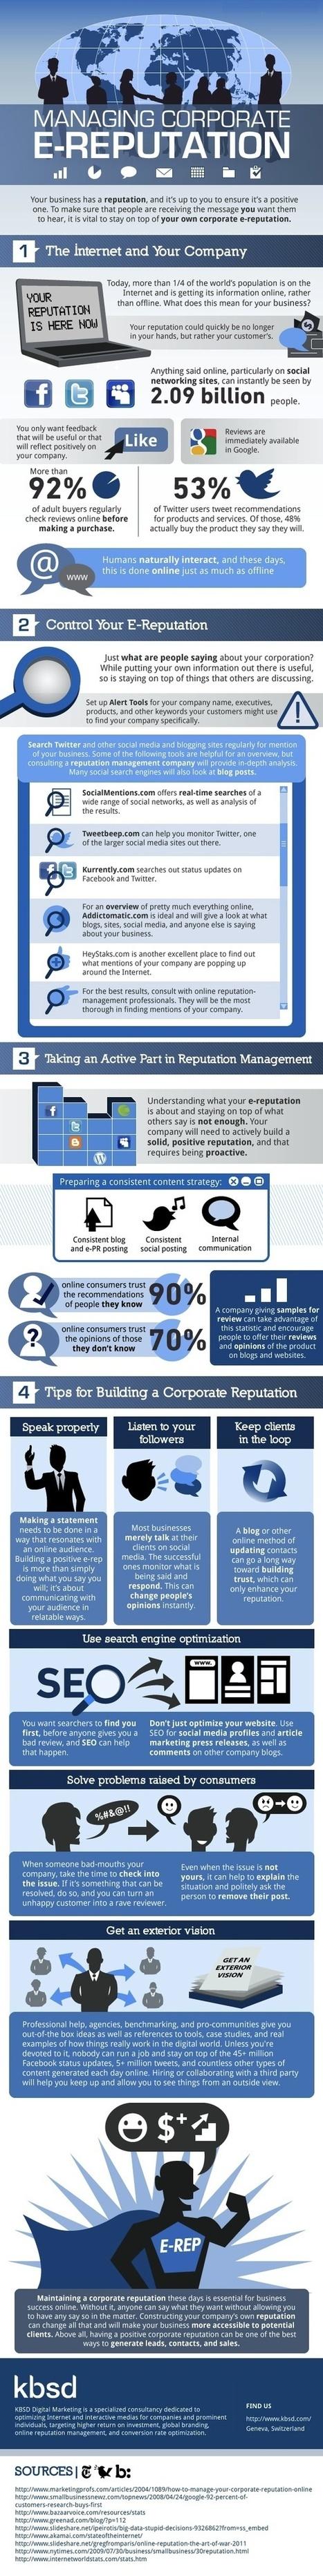 #Ereputation : Comment gérer l'e-réputation d'une entreprise ? | Innovation et développement durable | Scoop.it